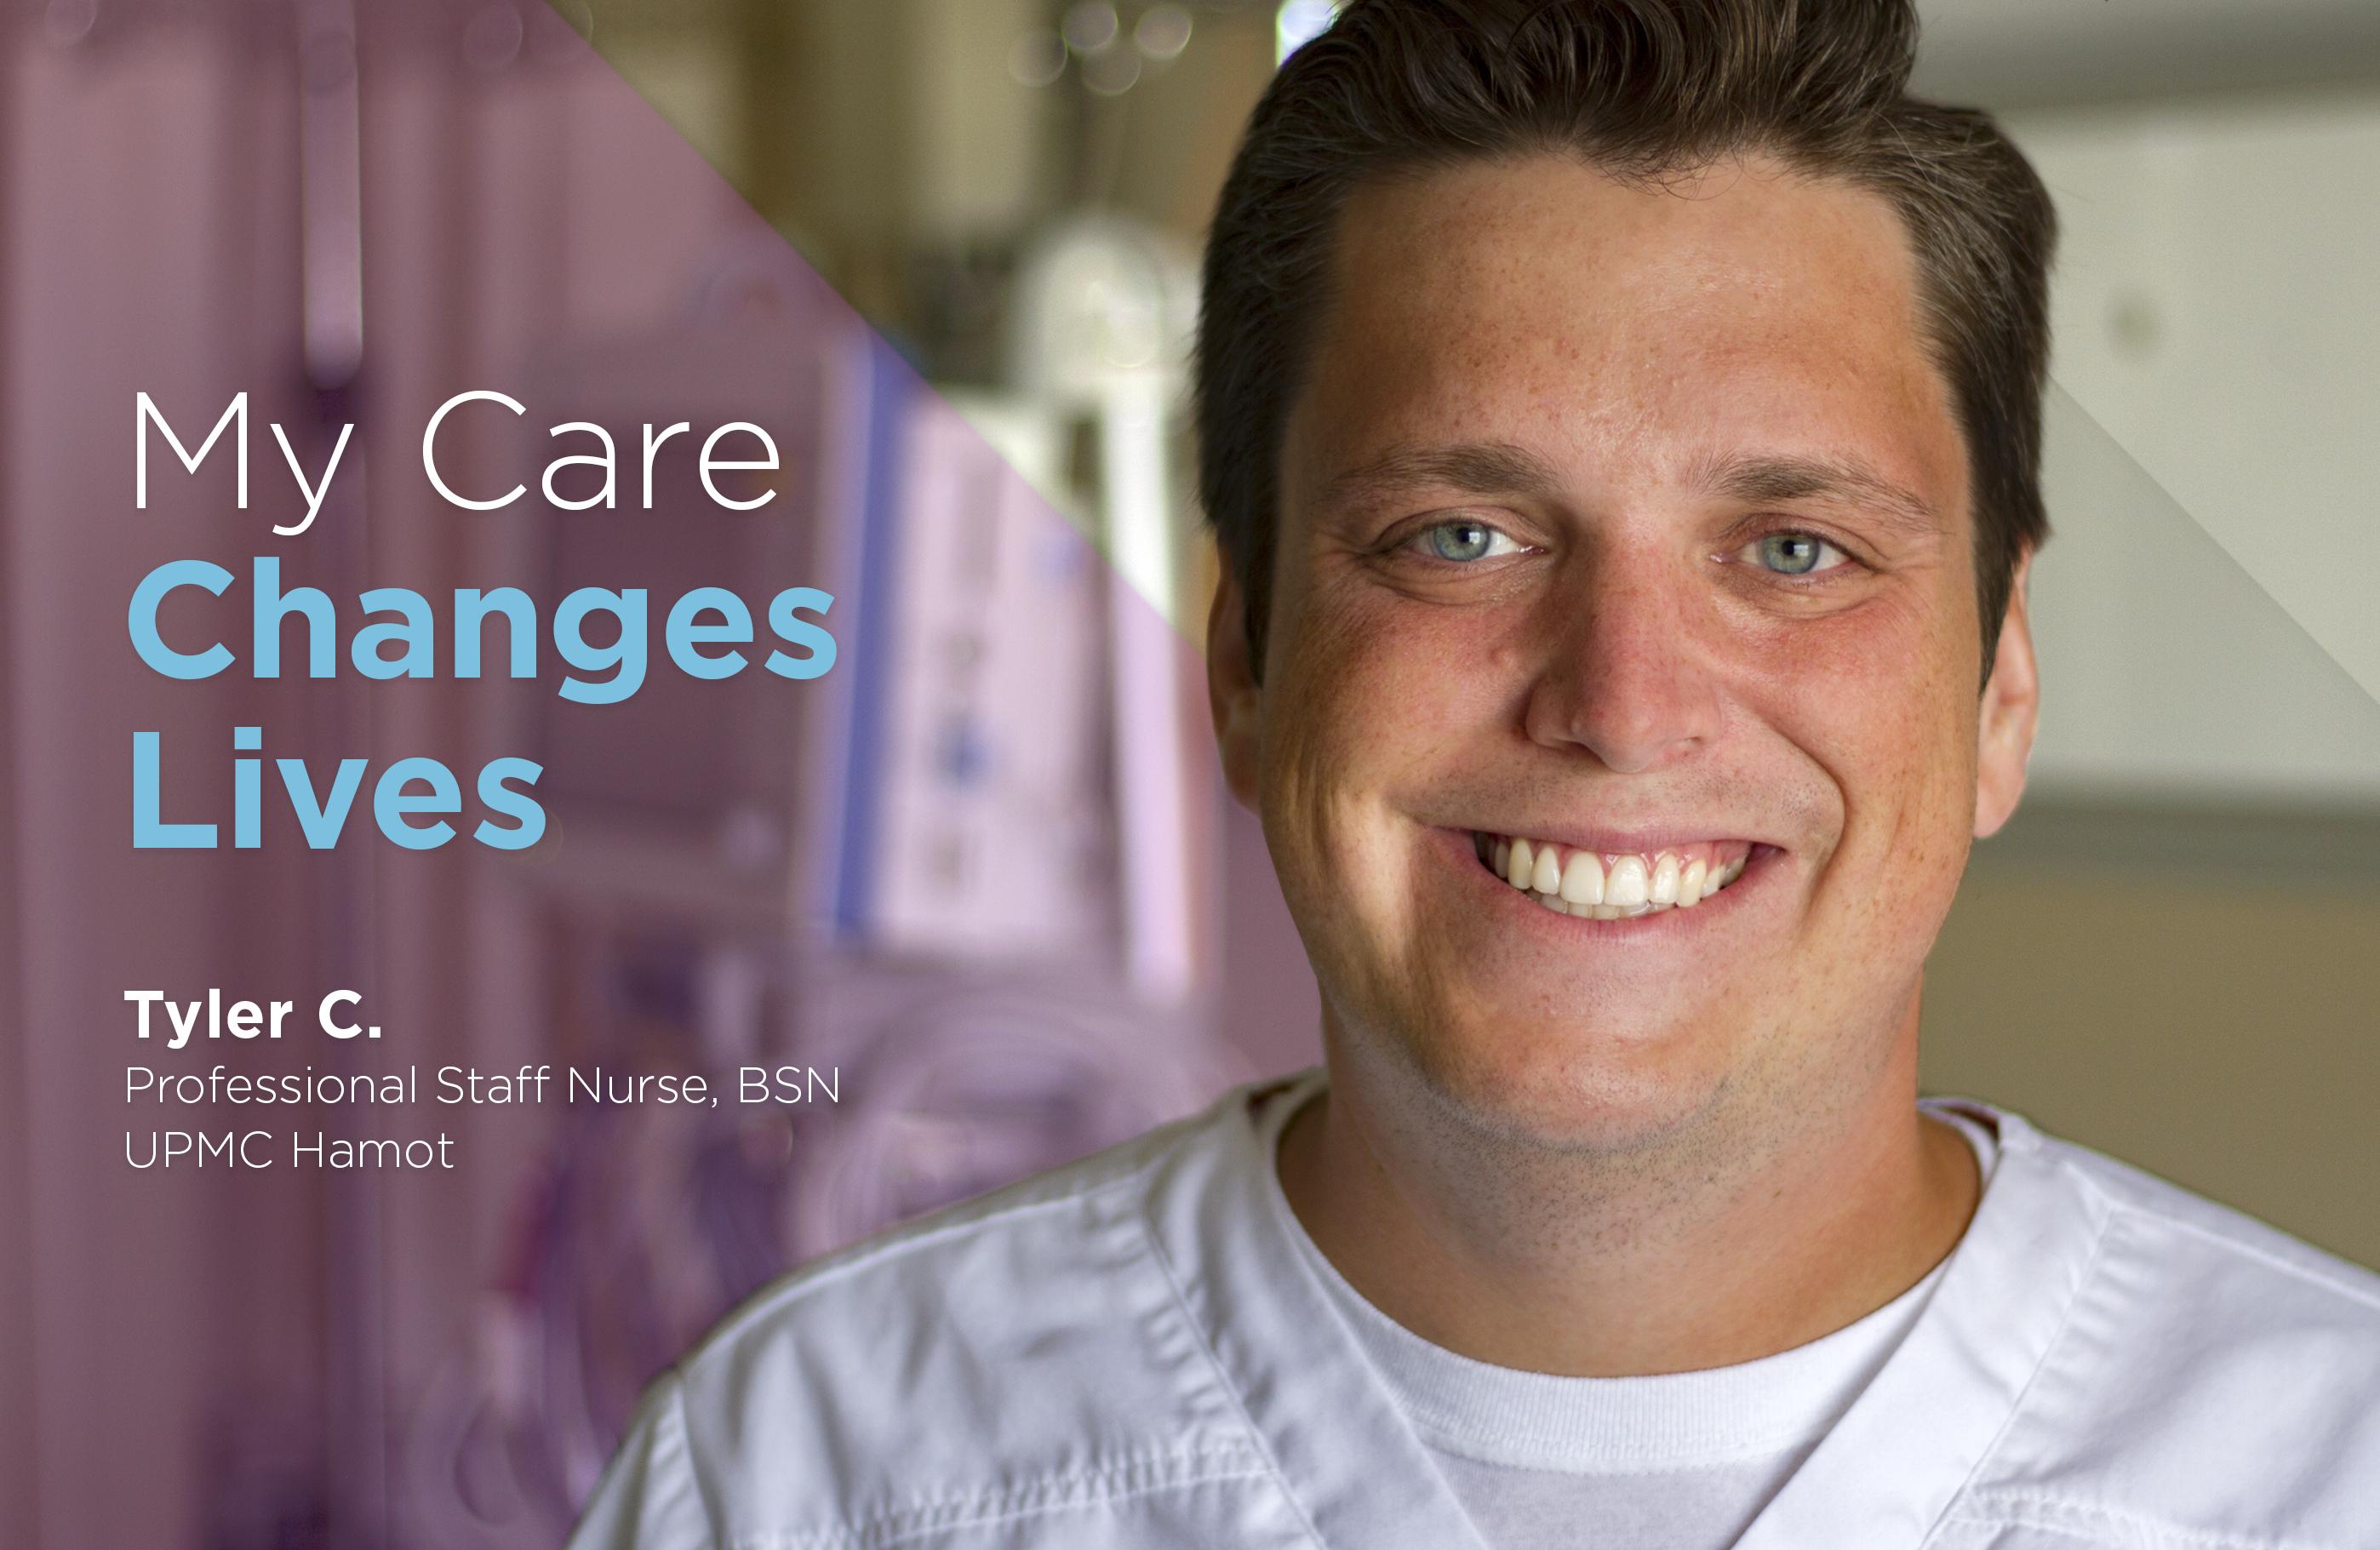 Tyler Cyphert, Professional Staff Nurse, BSN, UPMC Hamot